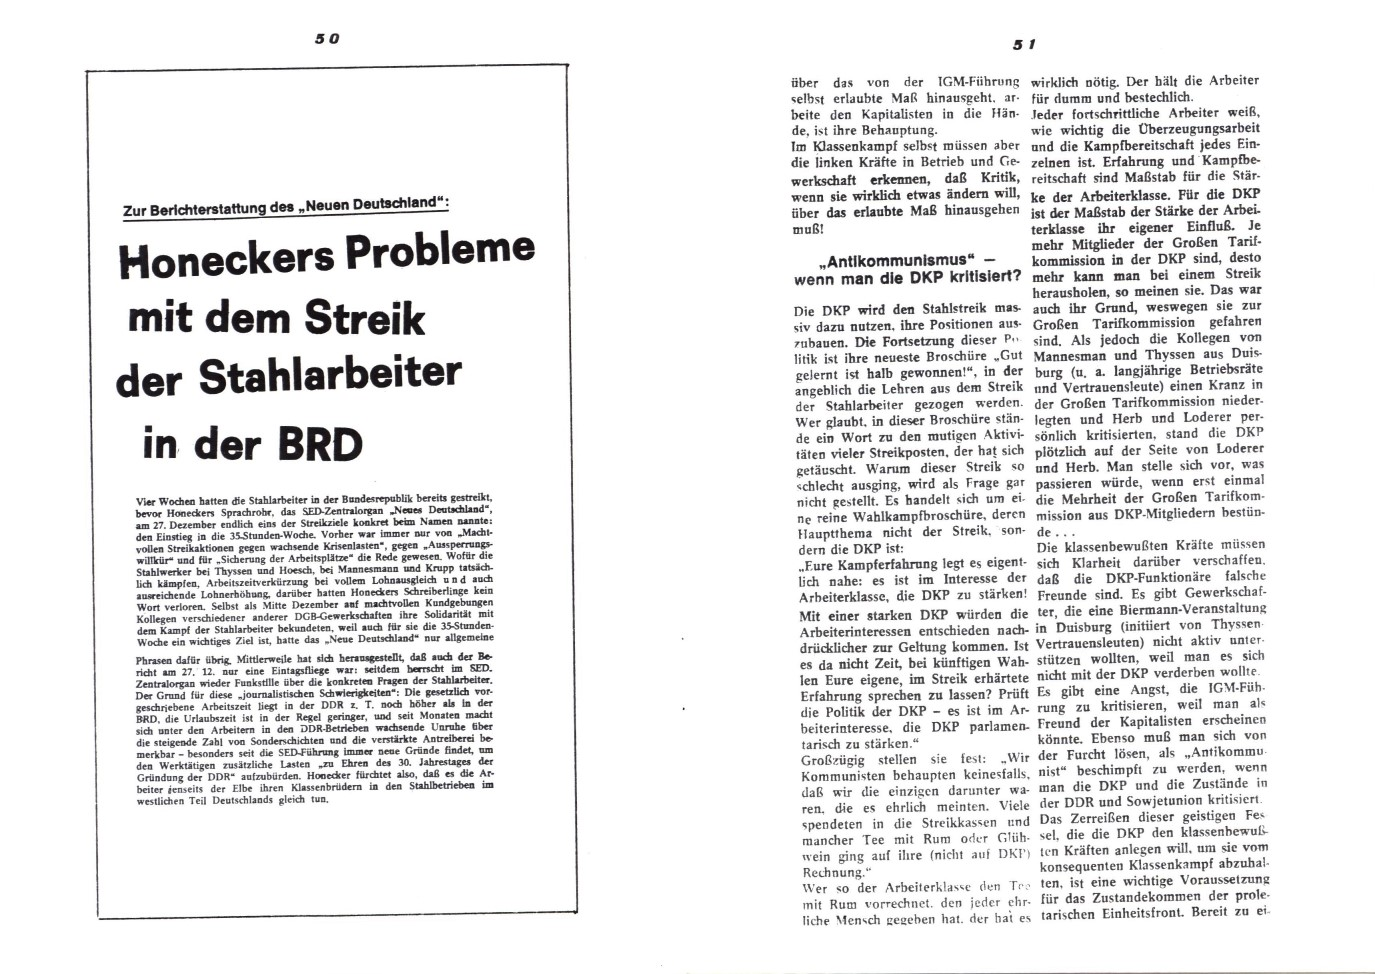 KPDAO_1979_Streik_in_der_Stahlindustrie_27